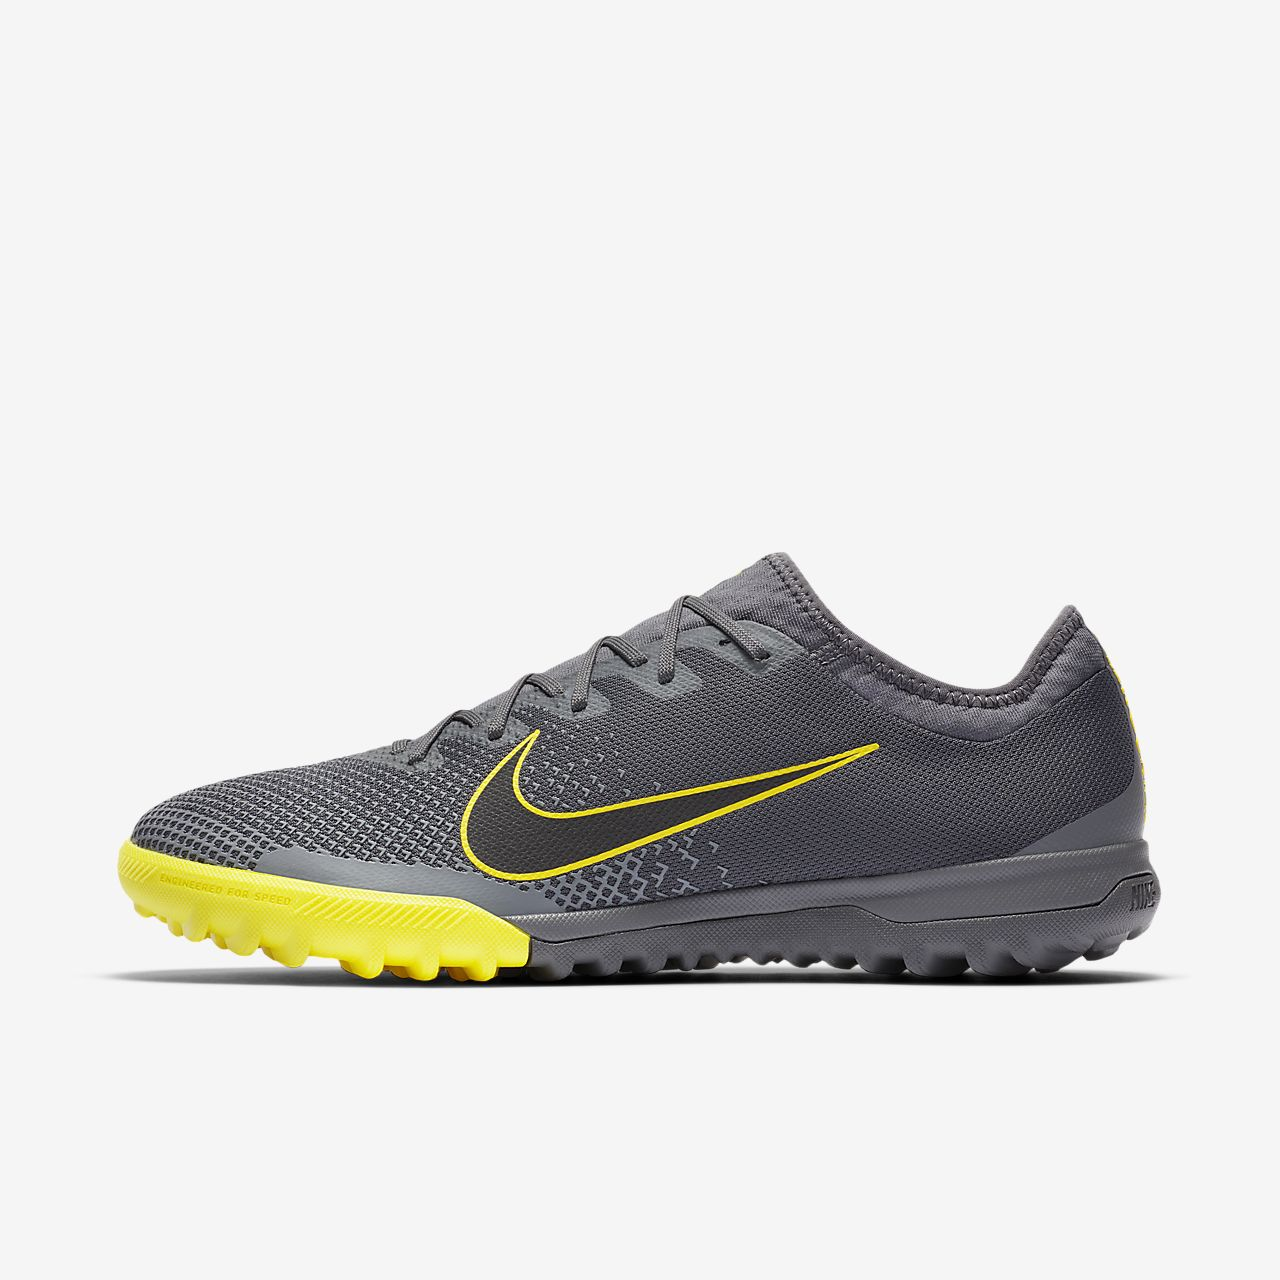 wholesale dealer 19f40 40441 ... Fotbollssko för grusturf Nike MercurialX Vapor XII Pro TF